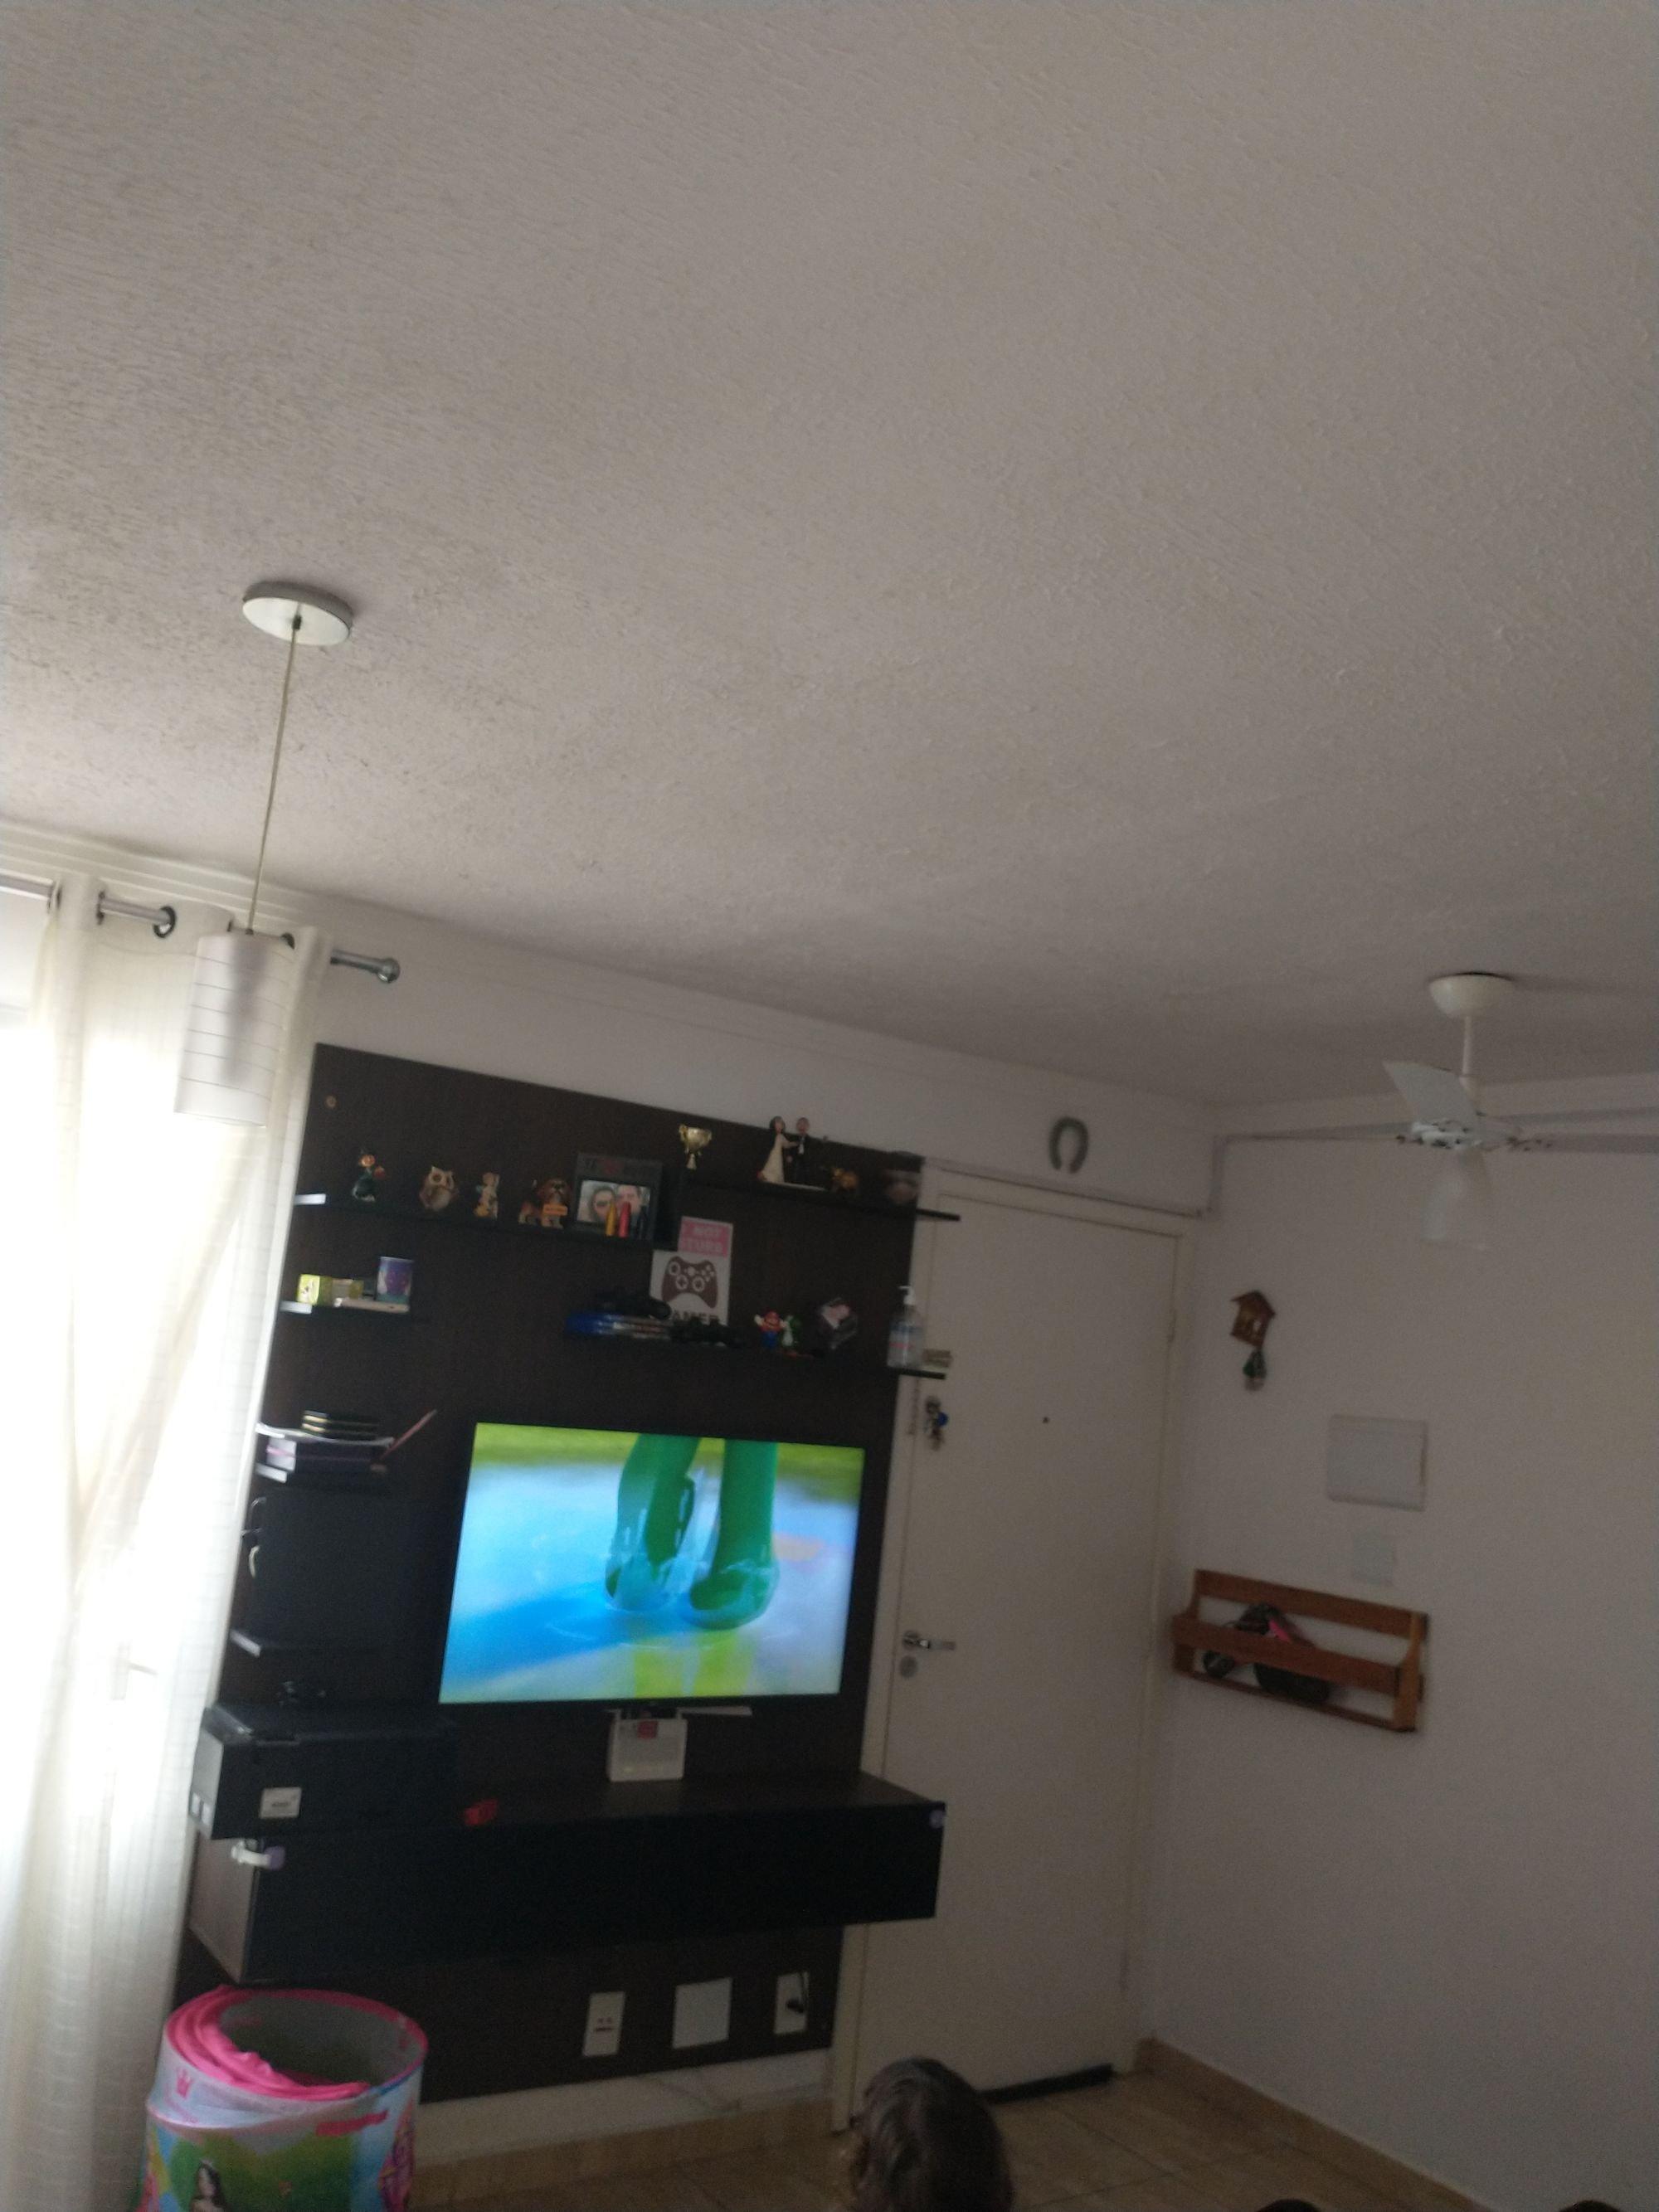 Foto de Sala com televisão